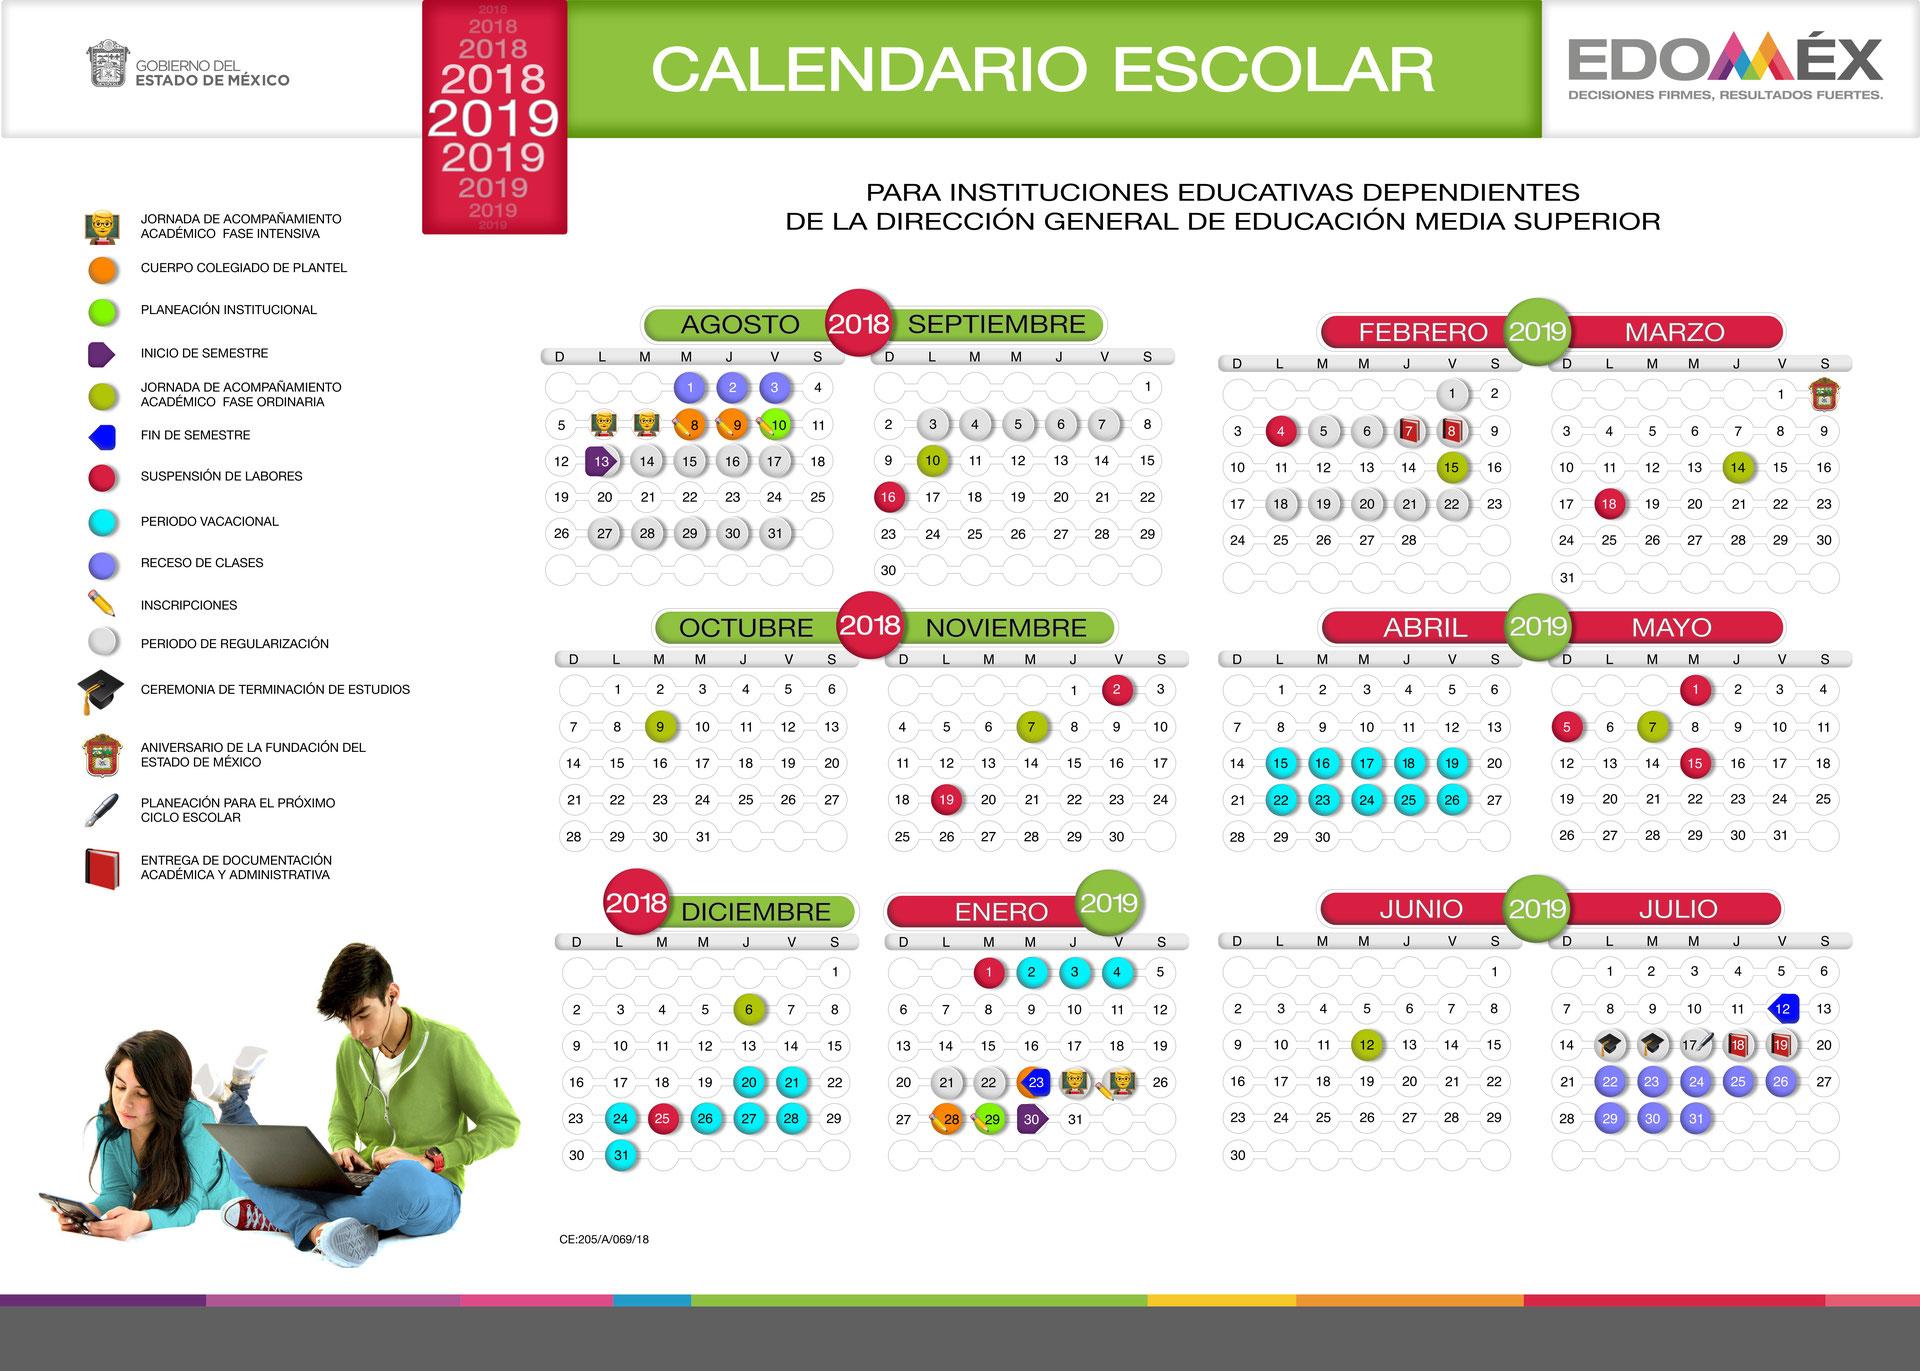 Calendario 20017.Calendario Escolar Cbt No 2 Tecamac Lic Carlos Pichardo